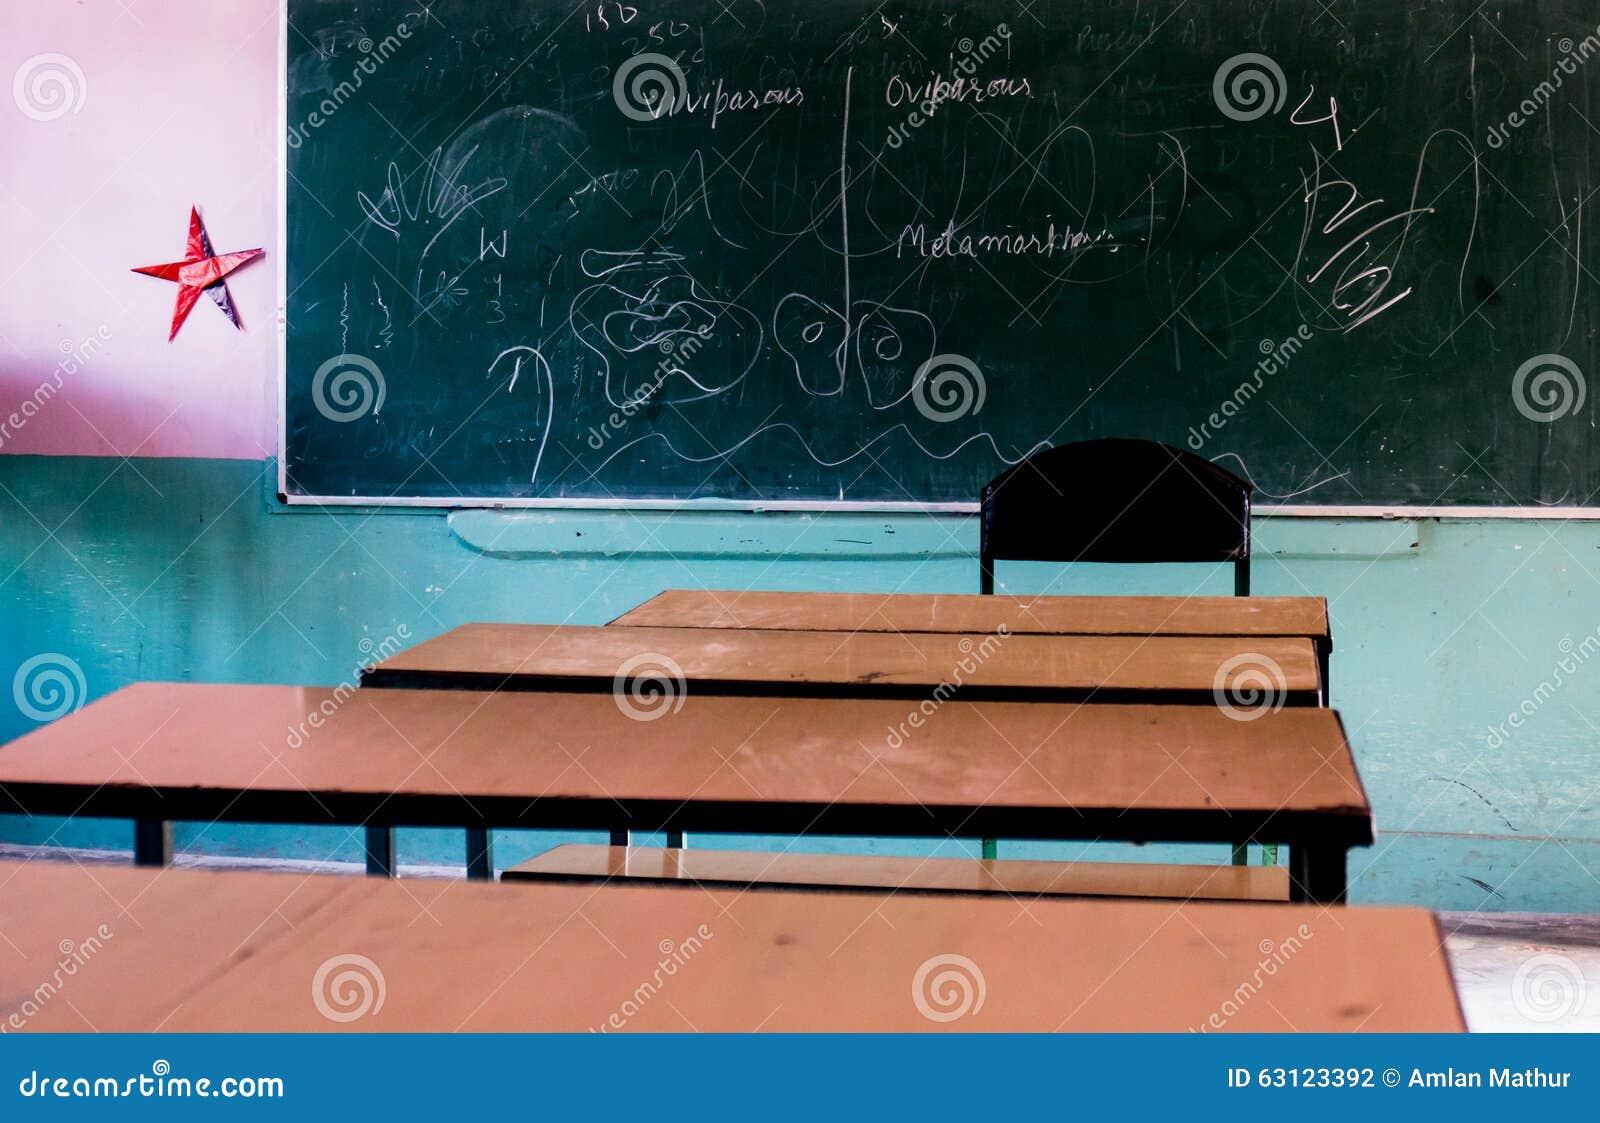 Eetbank En Tafel : Schule setzt das gegenüberstellen der tafel auf die bank